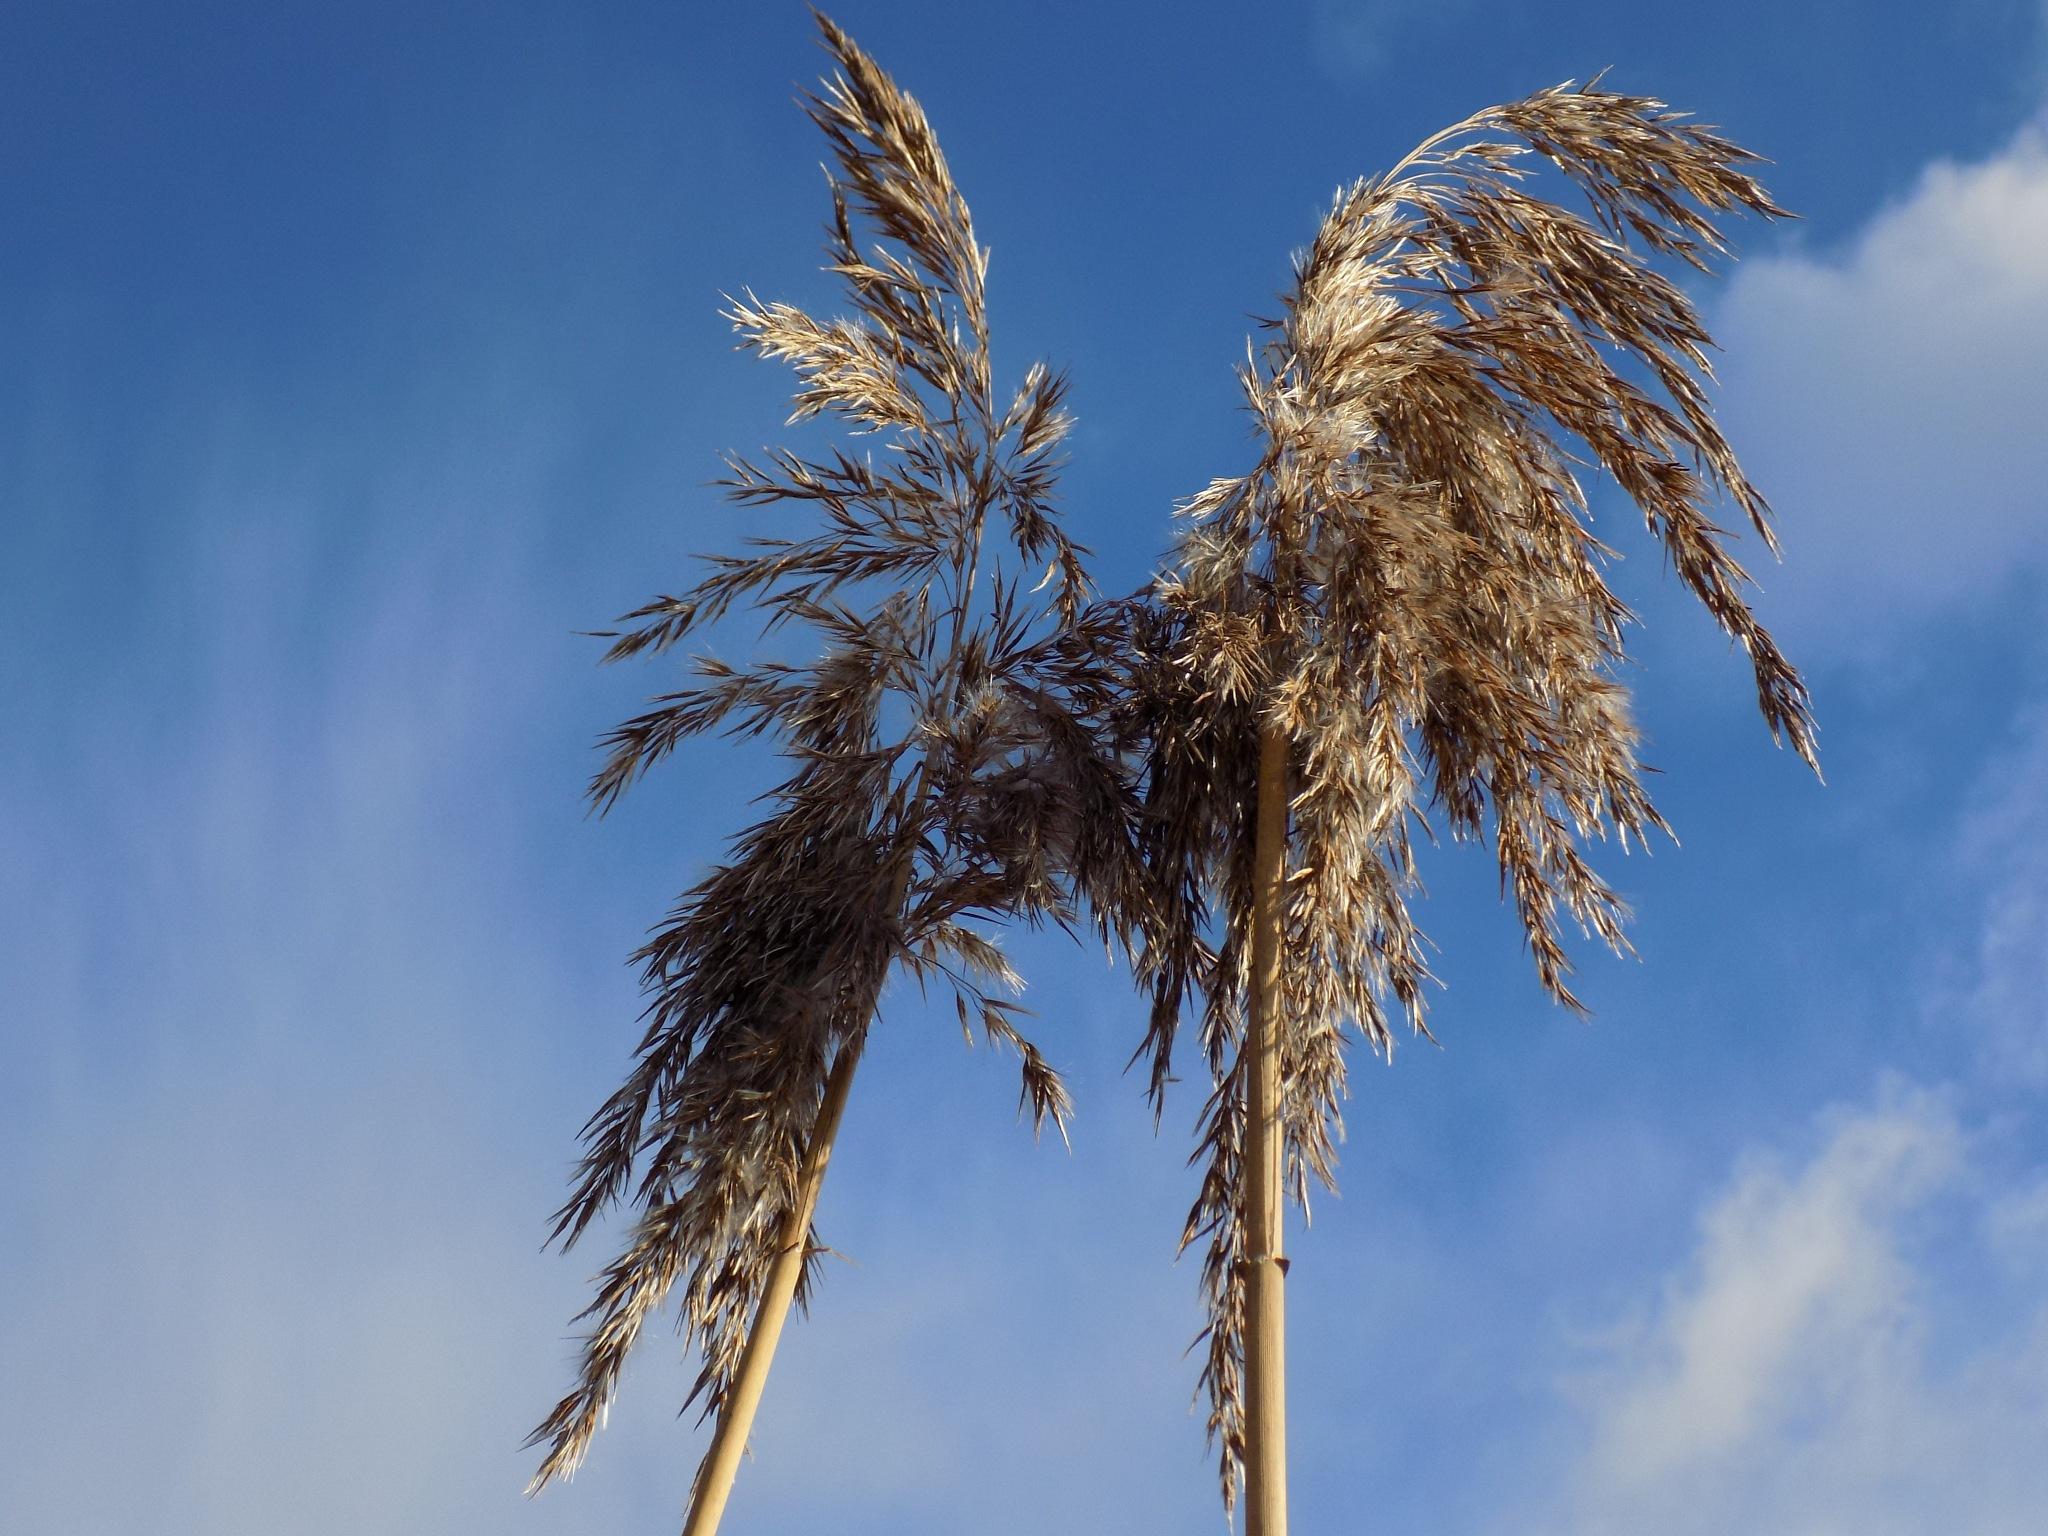 Reeds and sky by uzkuraitiene62